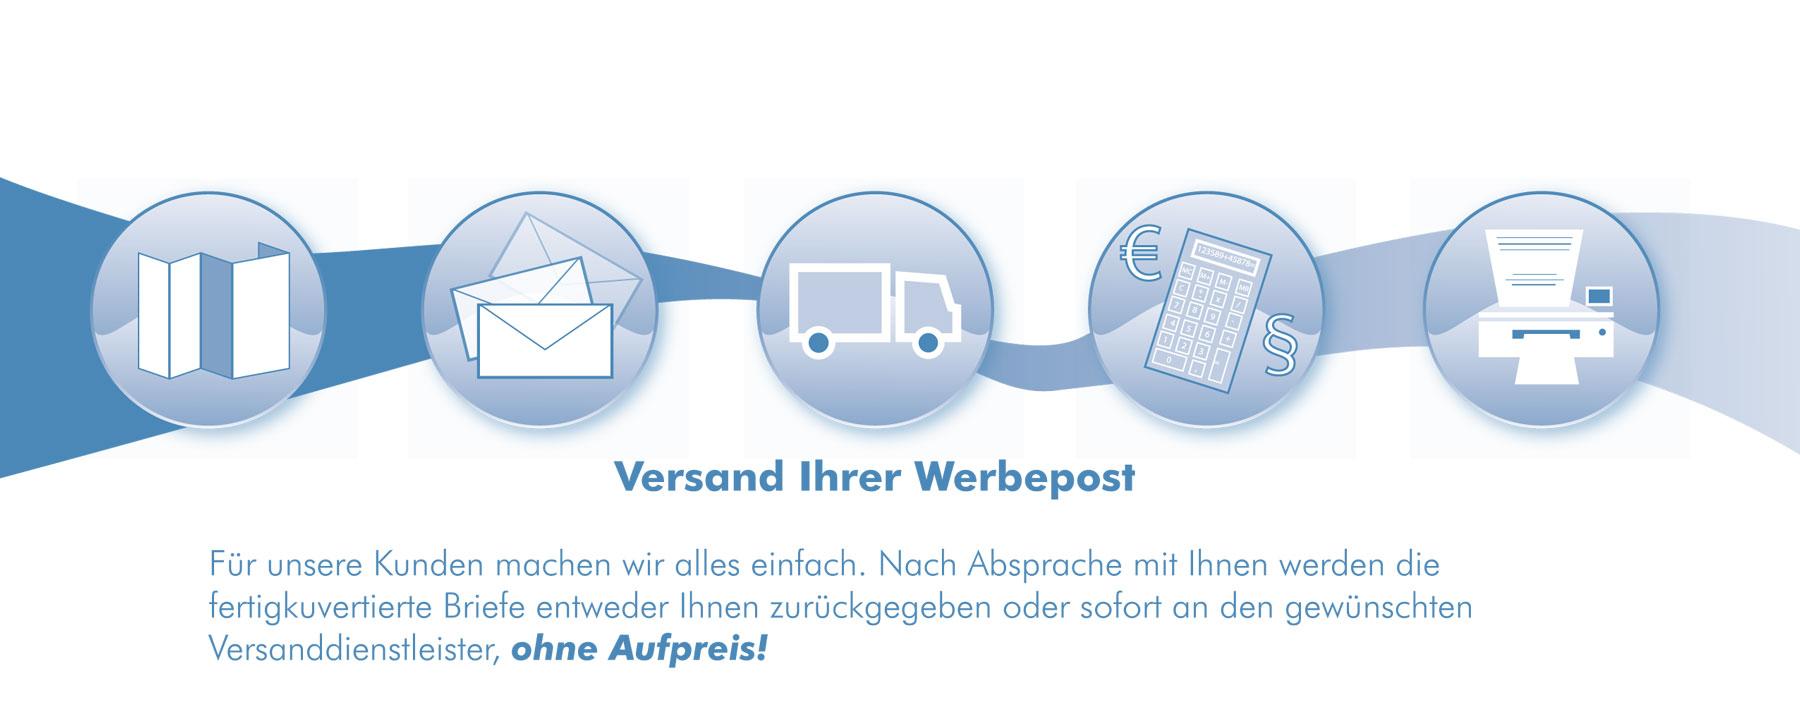 Briefe Falzen Und Kuvertieren : Versand der werbebriefe kuvertieren kuvertierservice